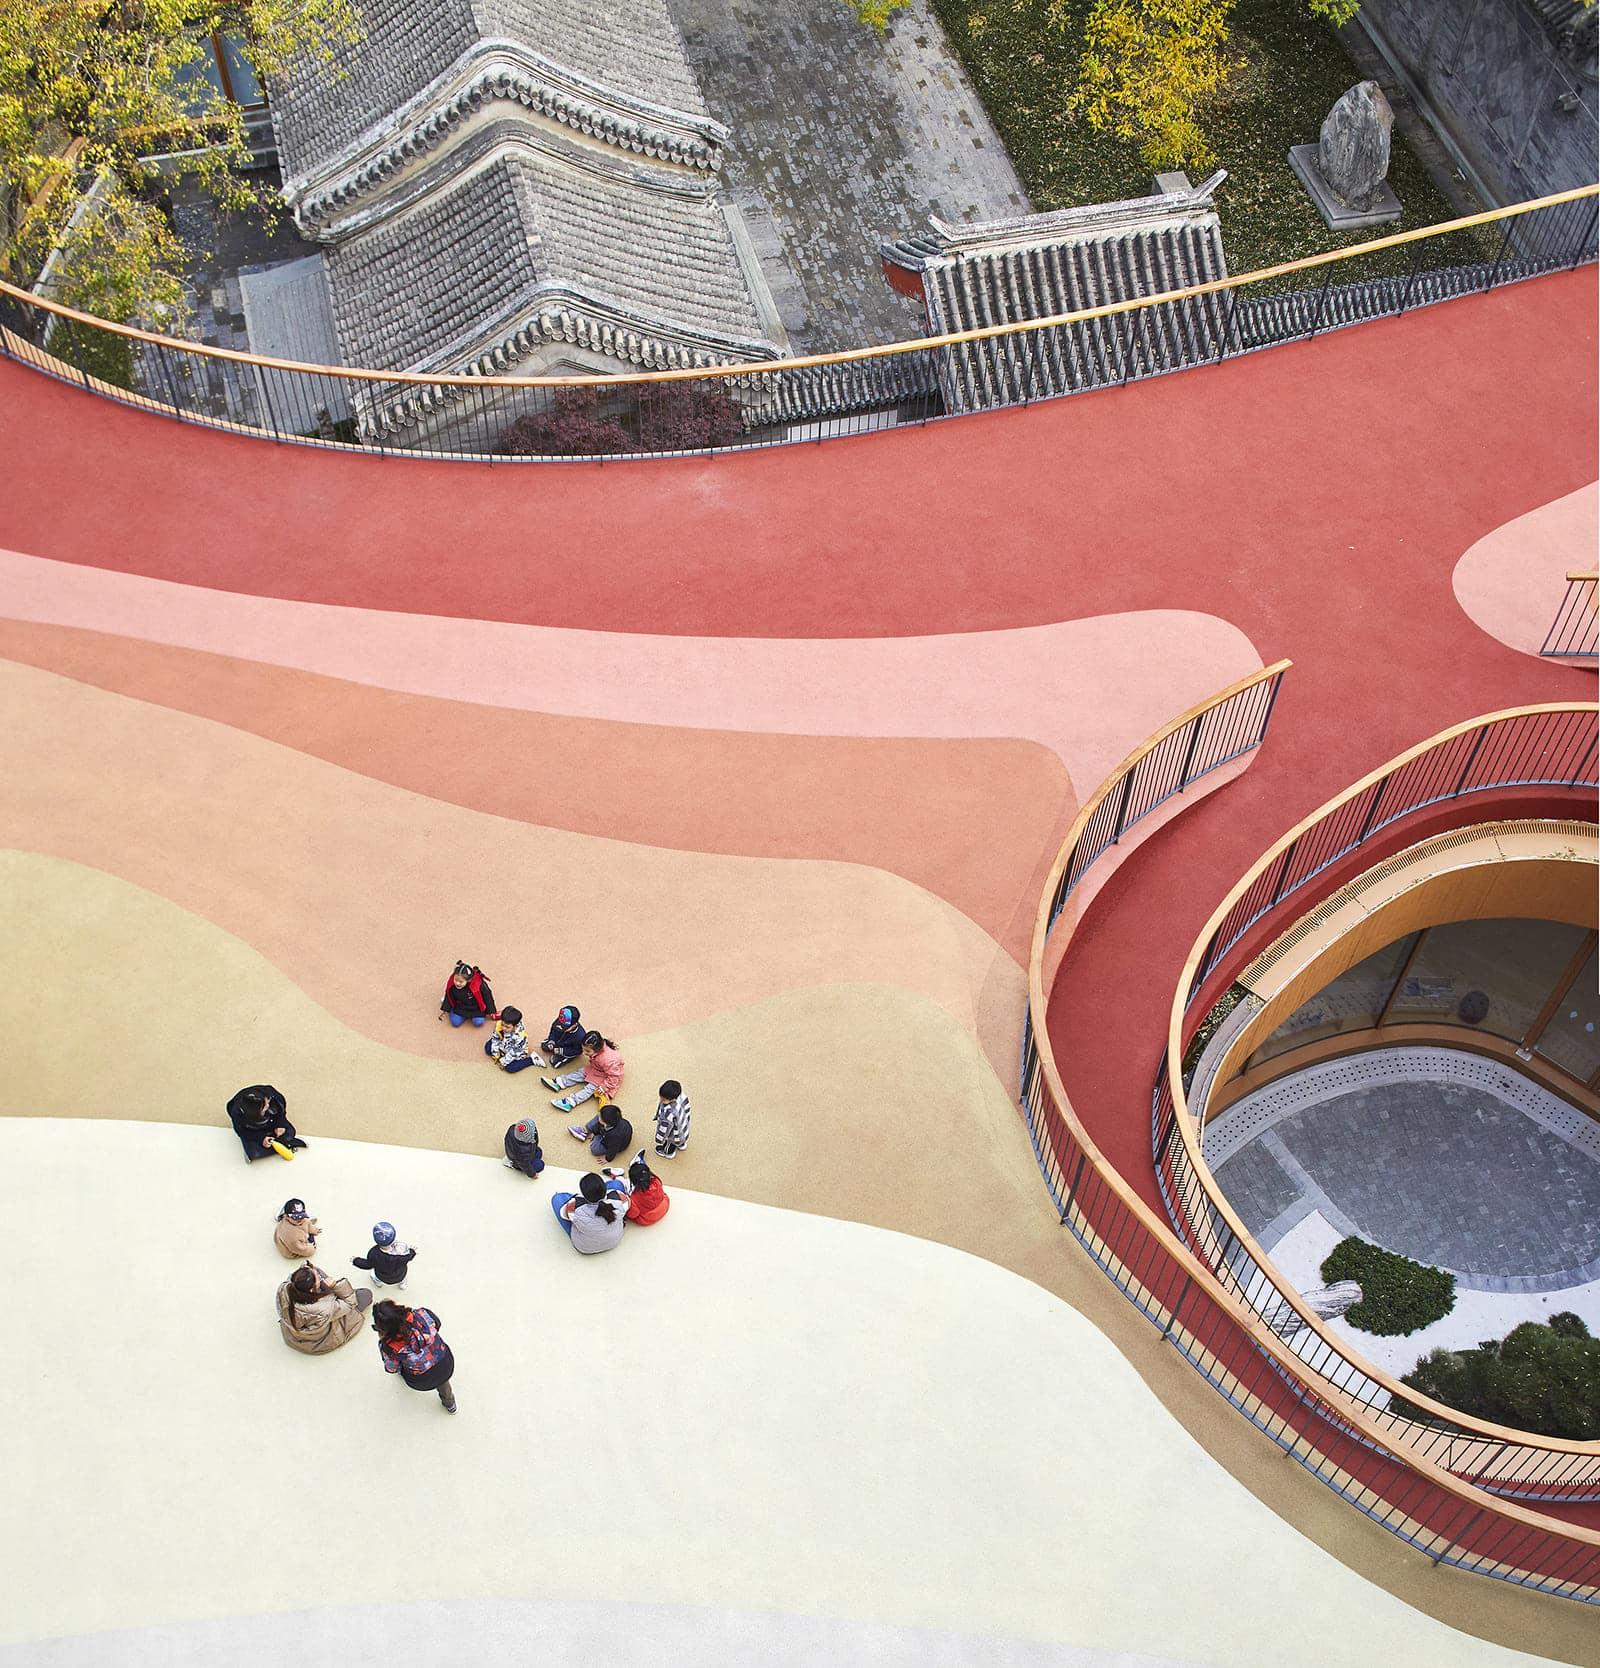 Yuecheng Courtyard Kindergarten  - 5 HuftonCrow 43